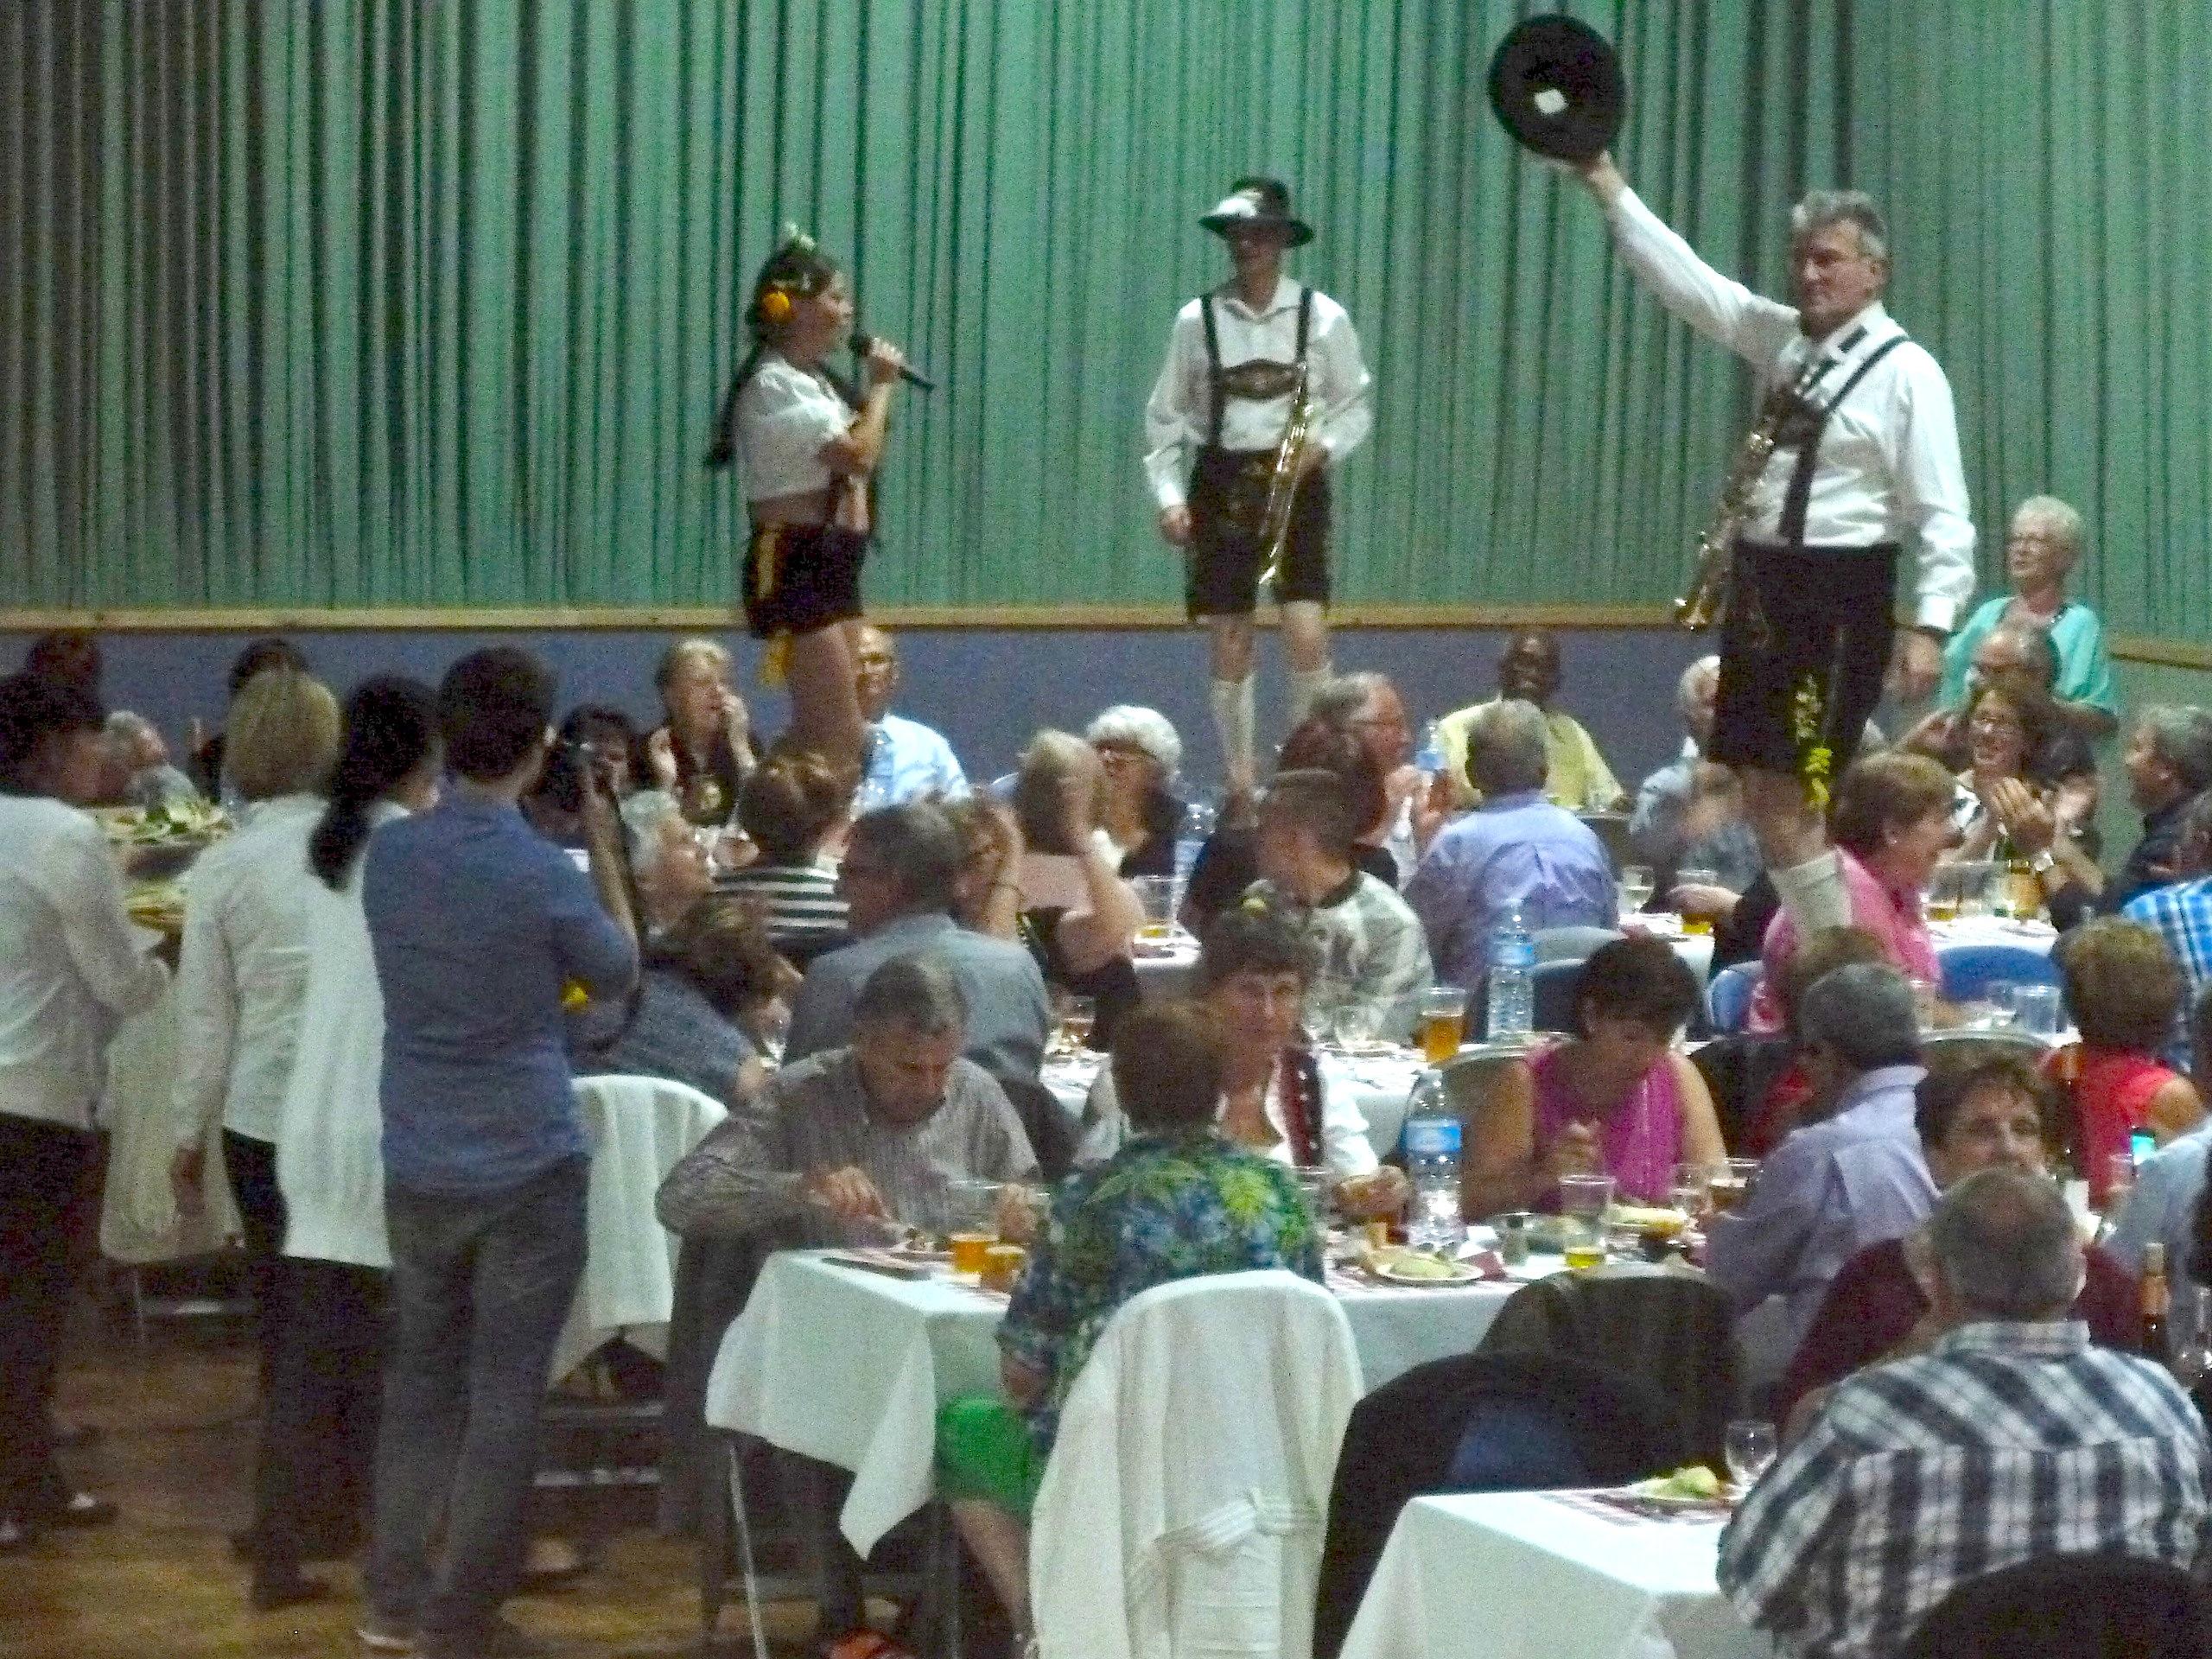 Table, public, orchestre bavarois, carrières sous poissy